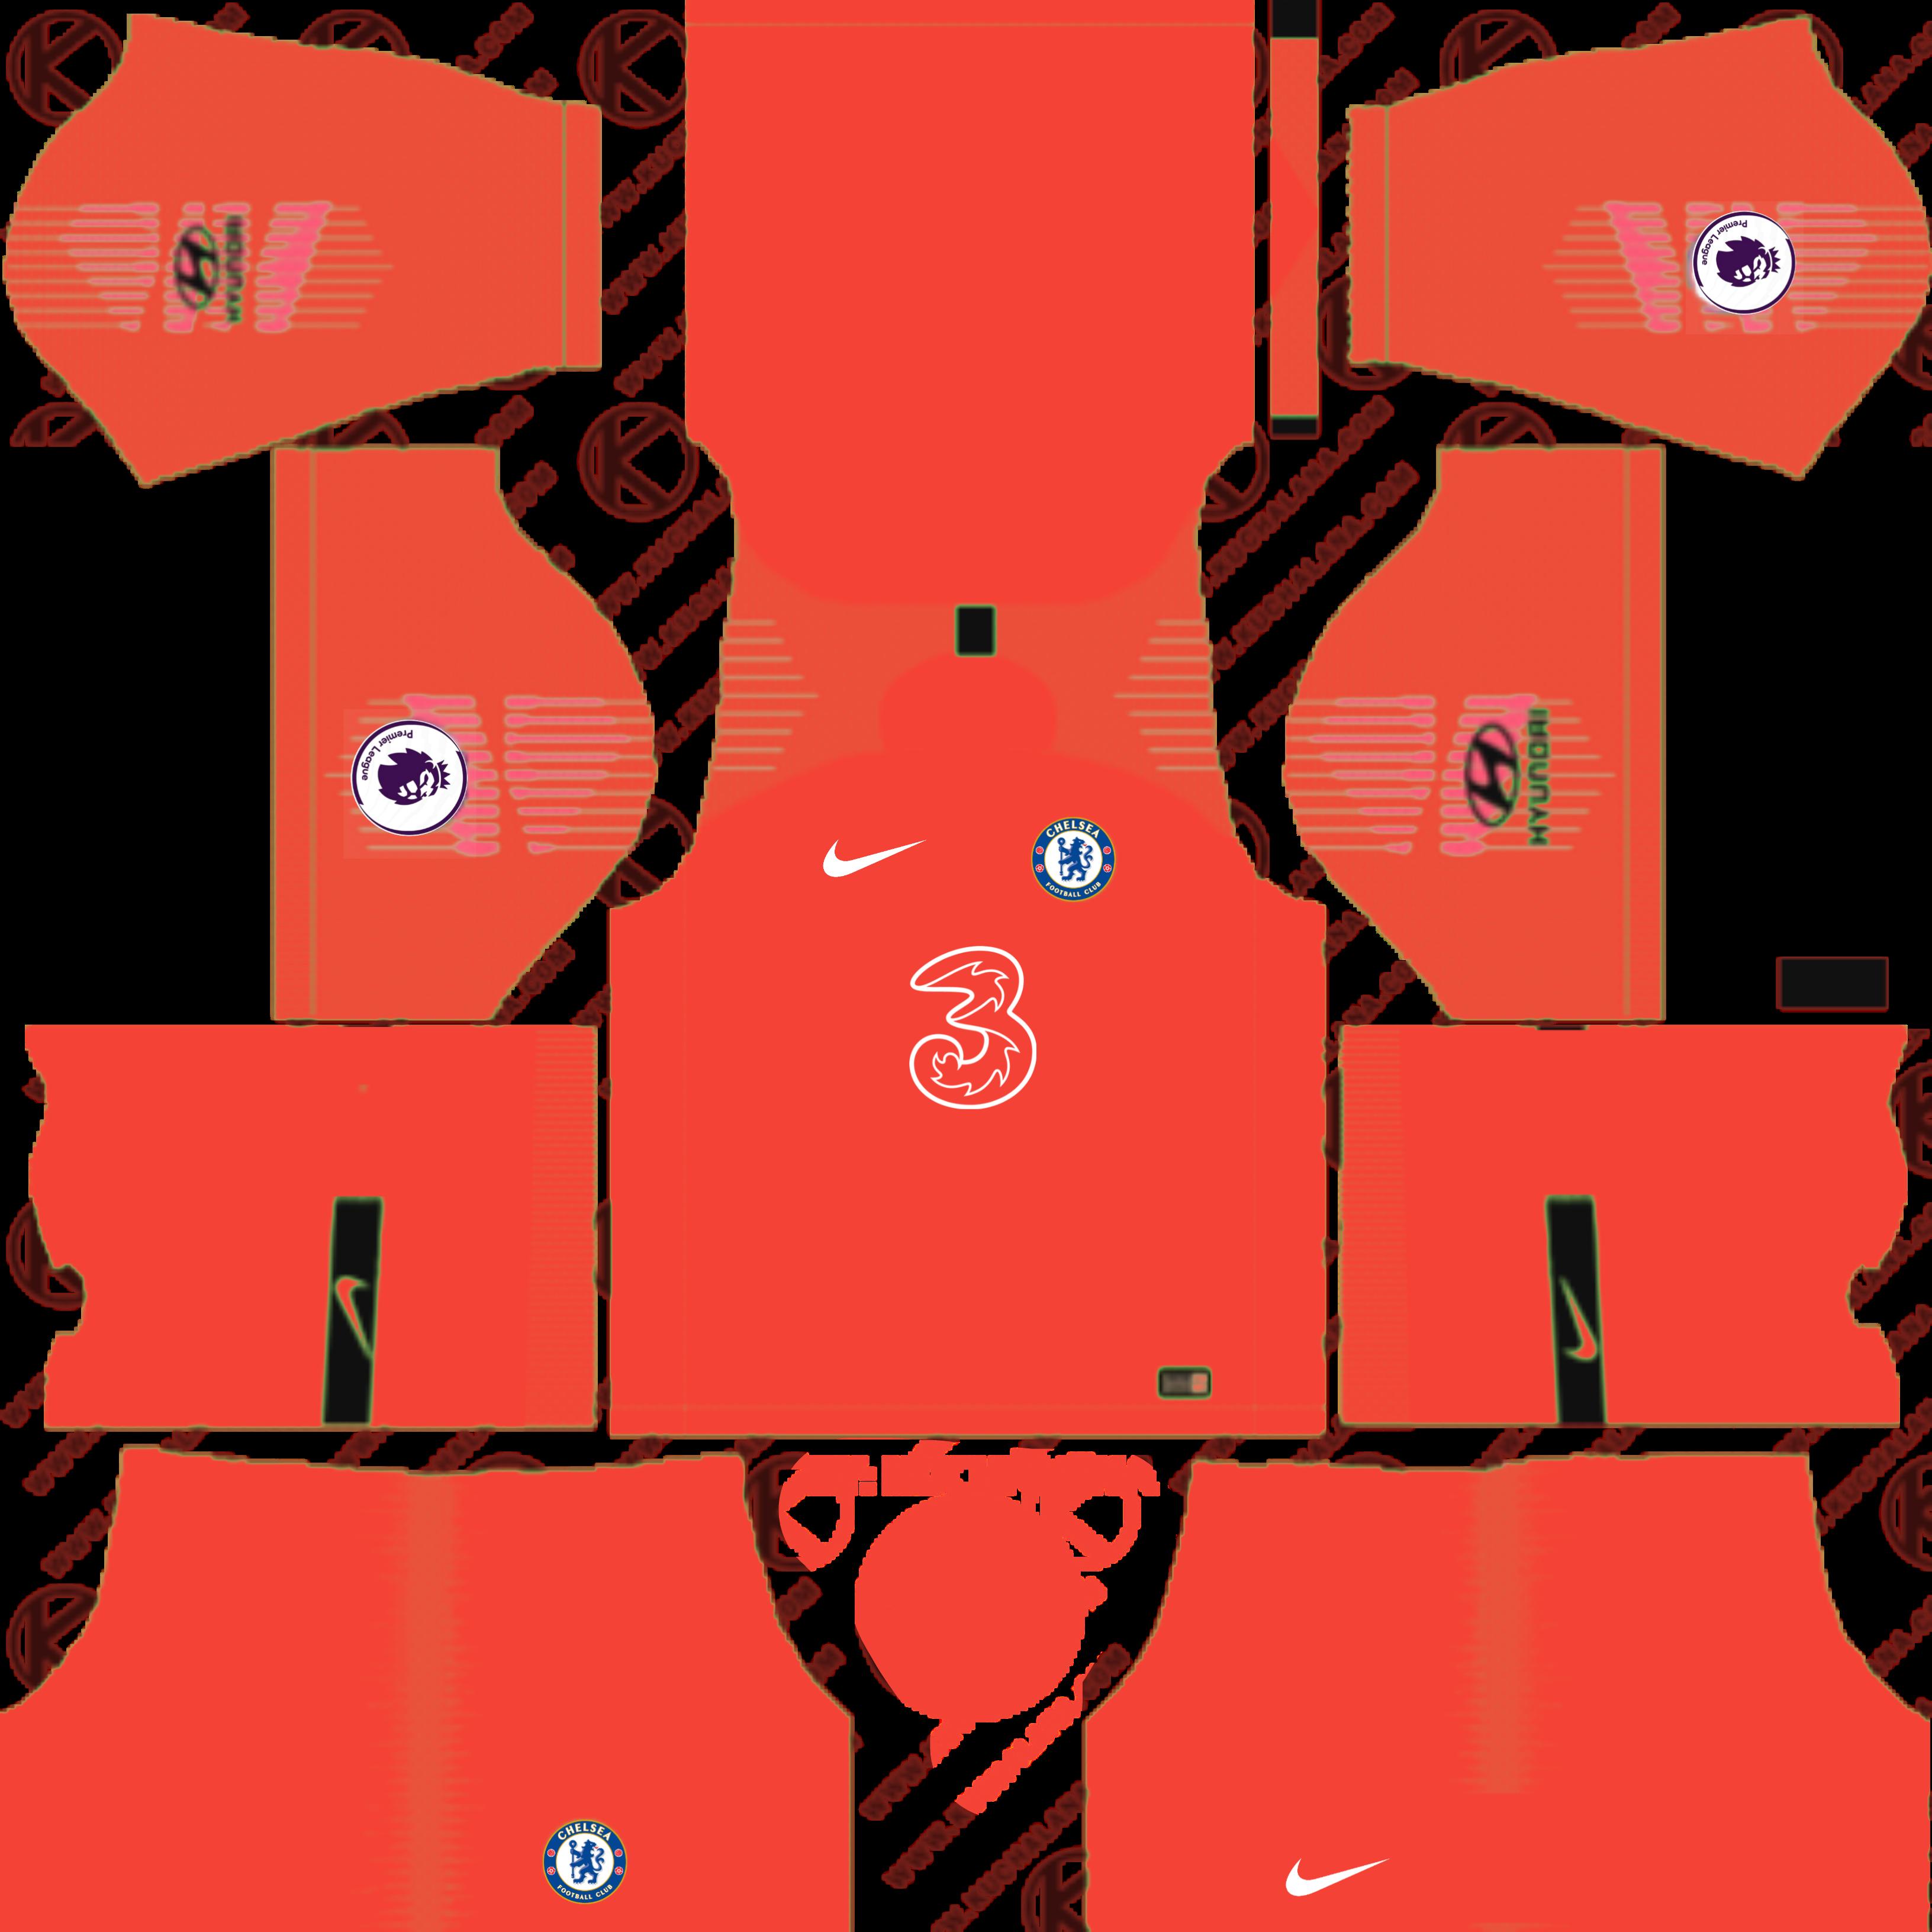 Dls Chelsea Kits 2021 Dream League Soccer Mobile Game Premier League Soccer Liverpool Kit League